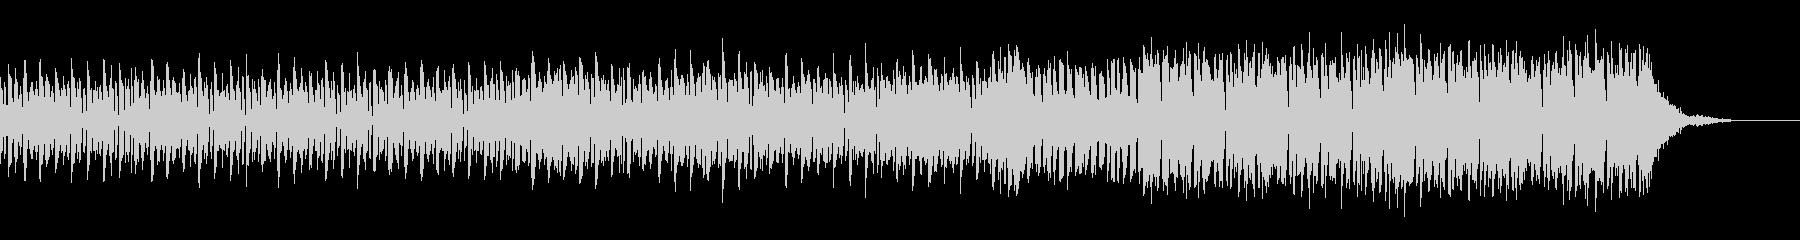 機械の説明をする時のハウスミュージックの未再生の波形